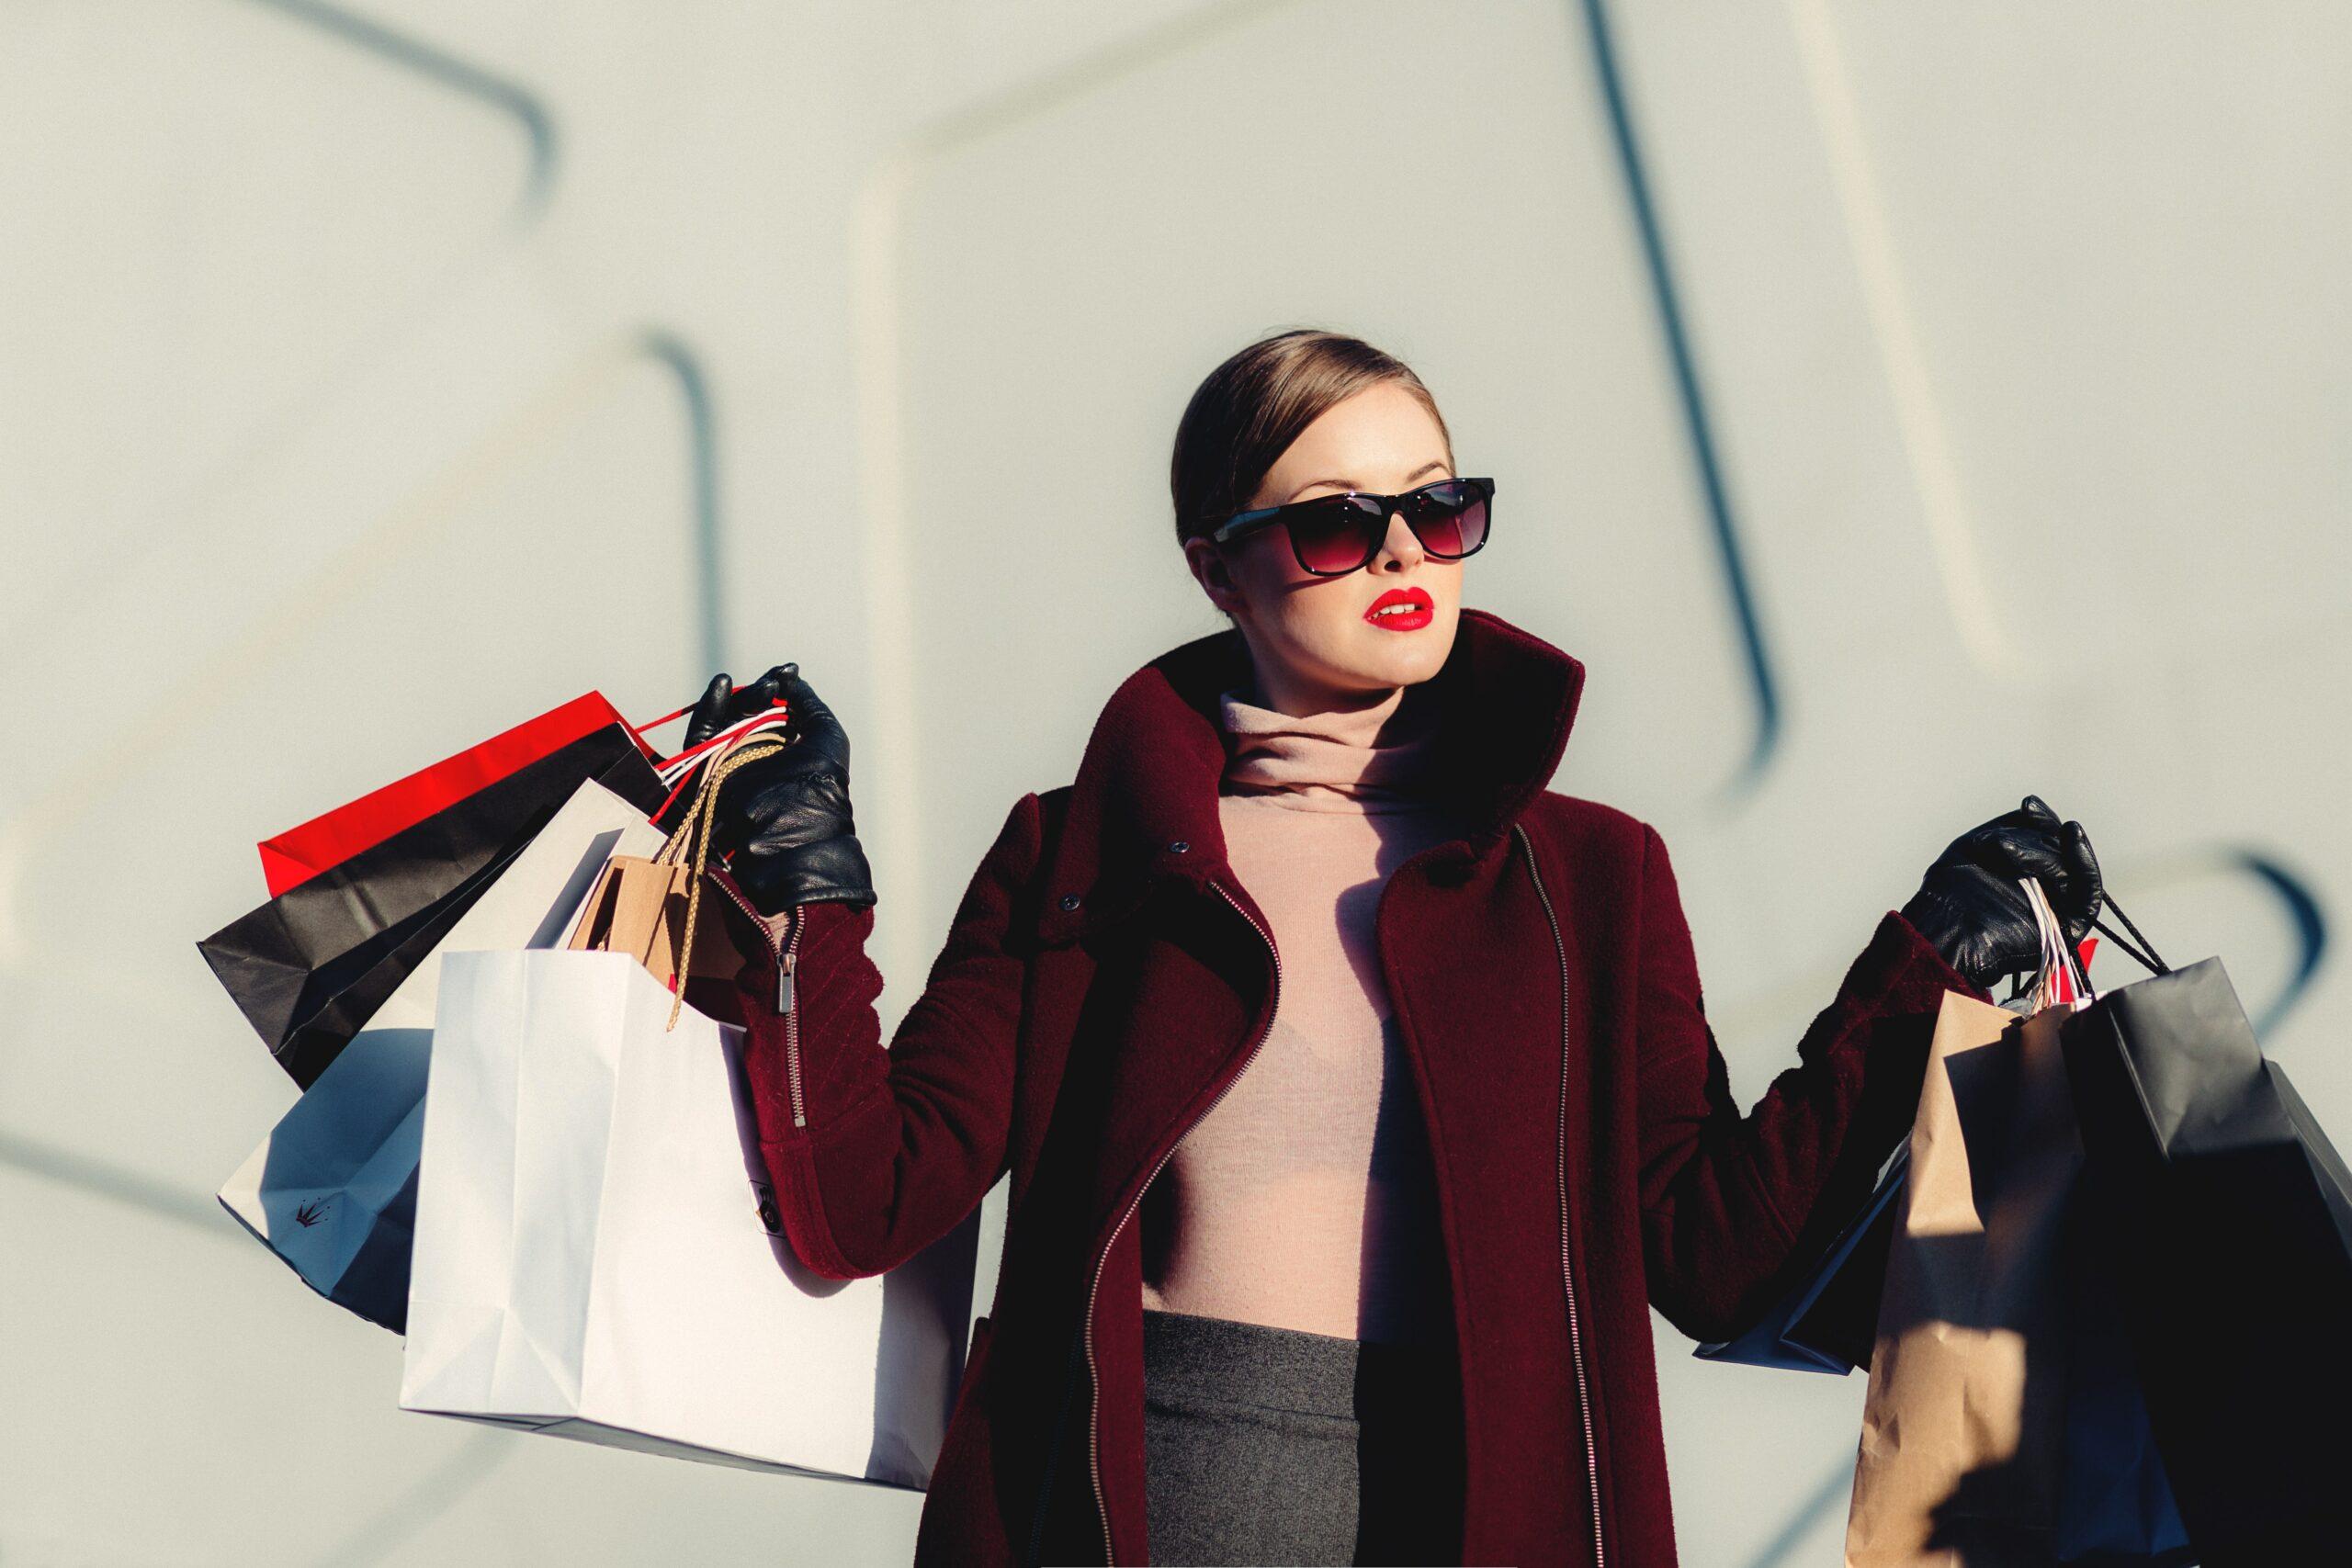 un bon plan shopping par imparfaites